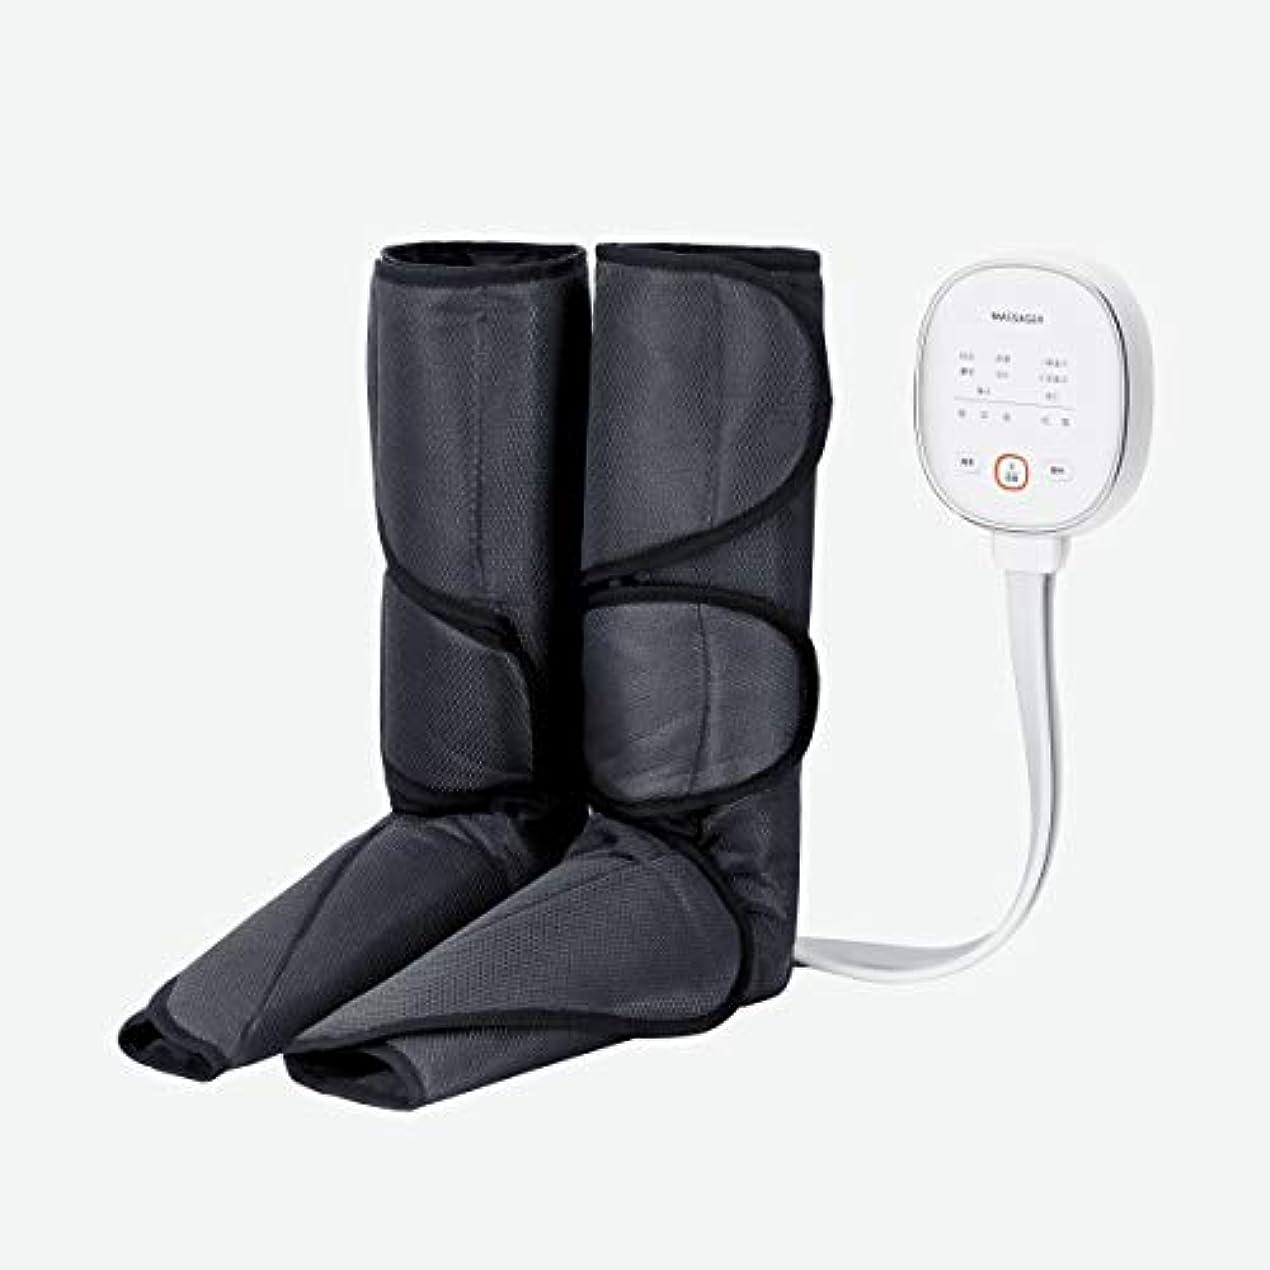 残忍な項目ペインティングマッサージャー フット エアーマッサージャー温感機能搭載 ふくらはぎ 気圧 6つのマッサージコースを 不眠症改善、解消 家庭用&職場用 敬老の日